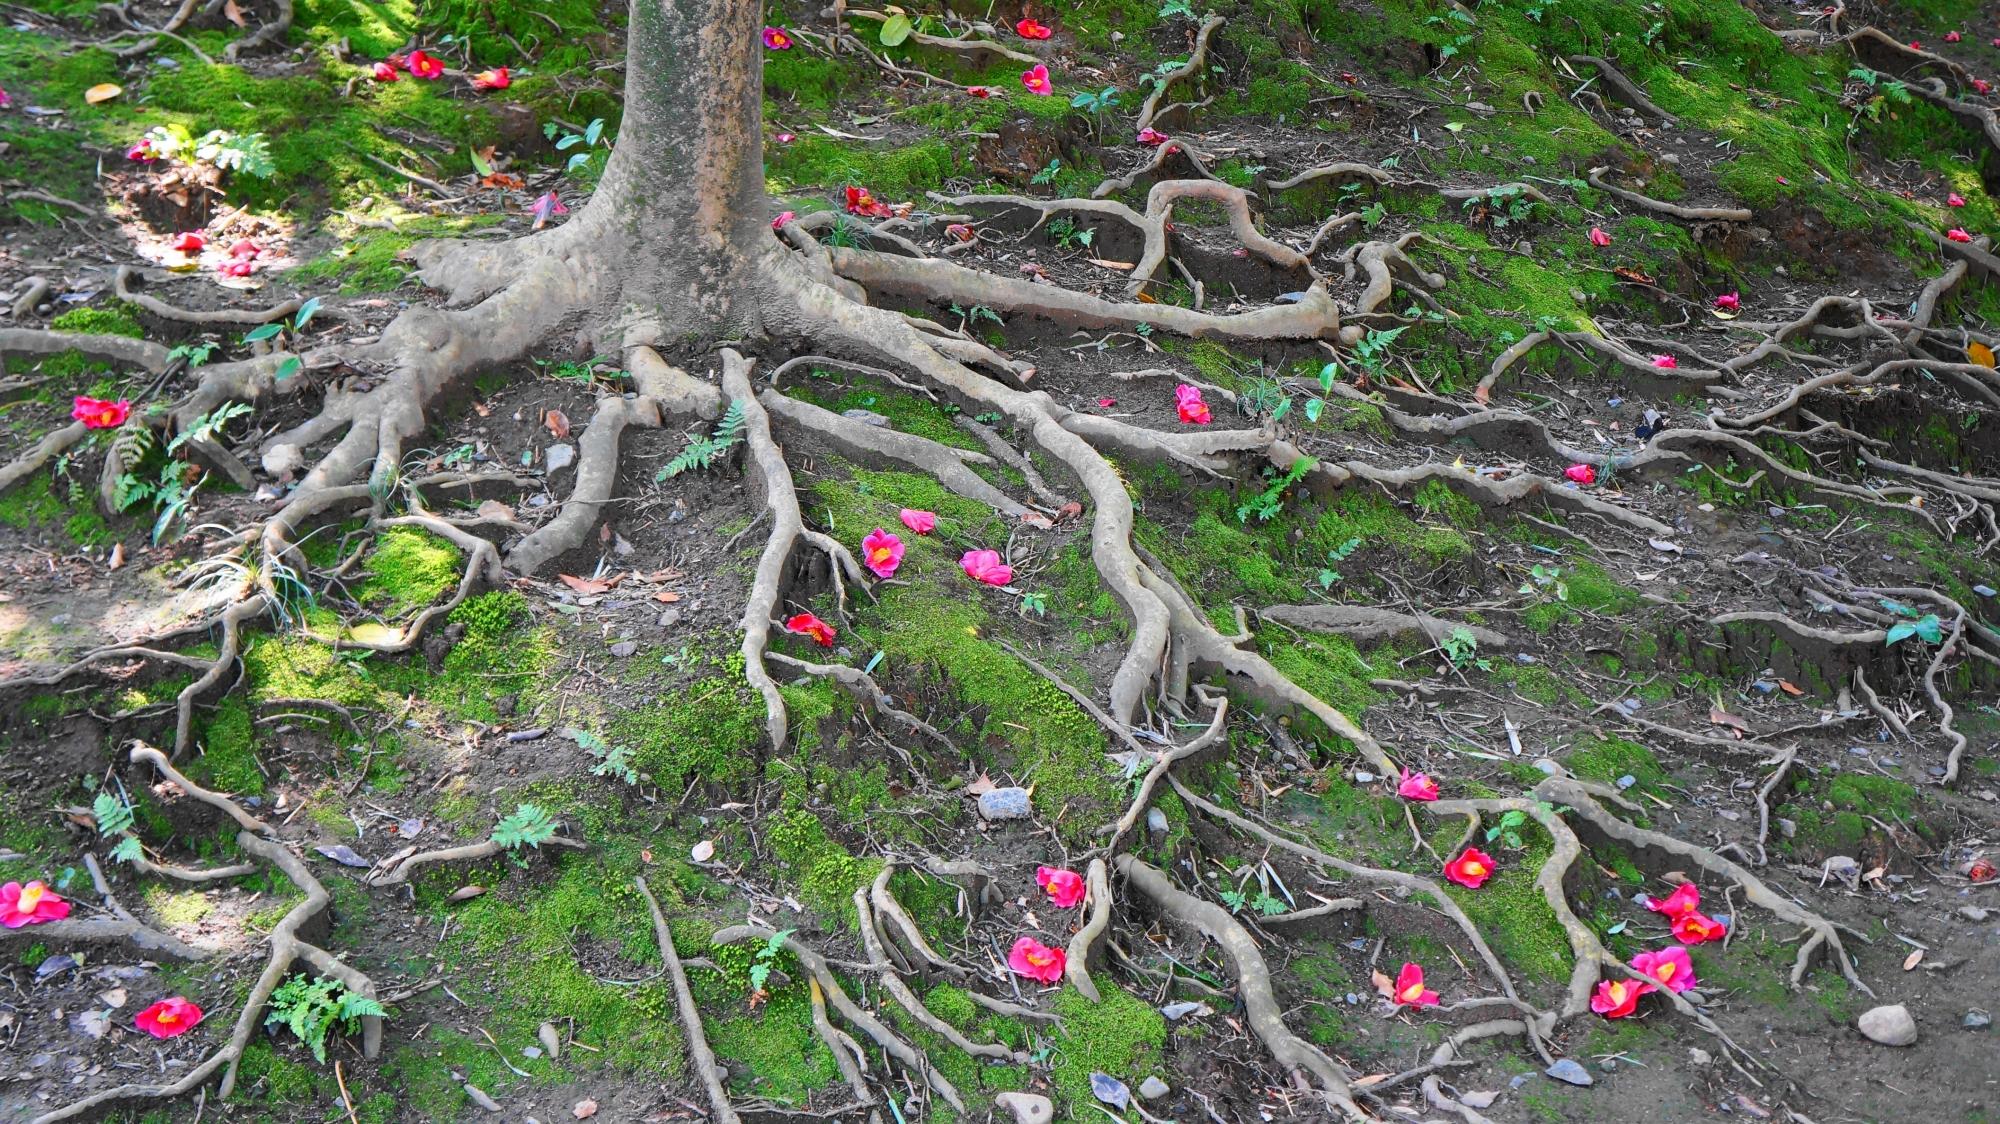 美しく風情もある散り椿と苔と木の根